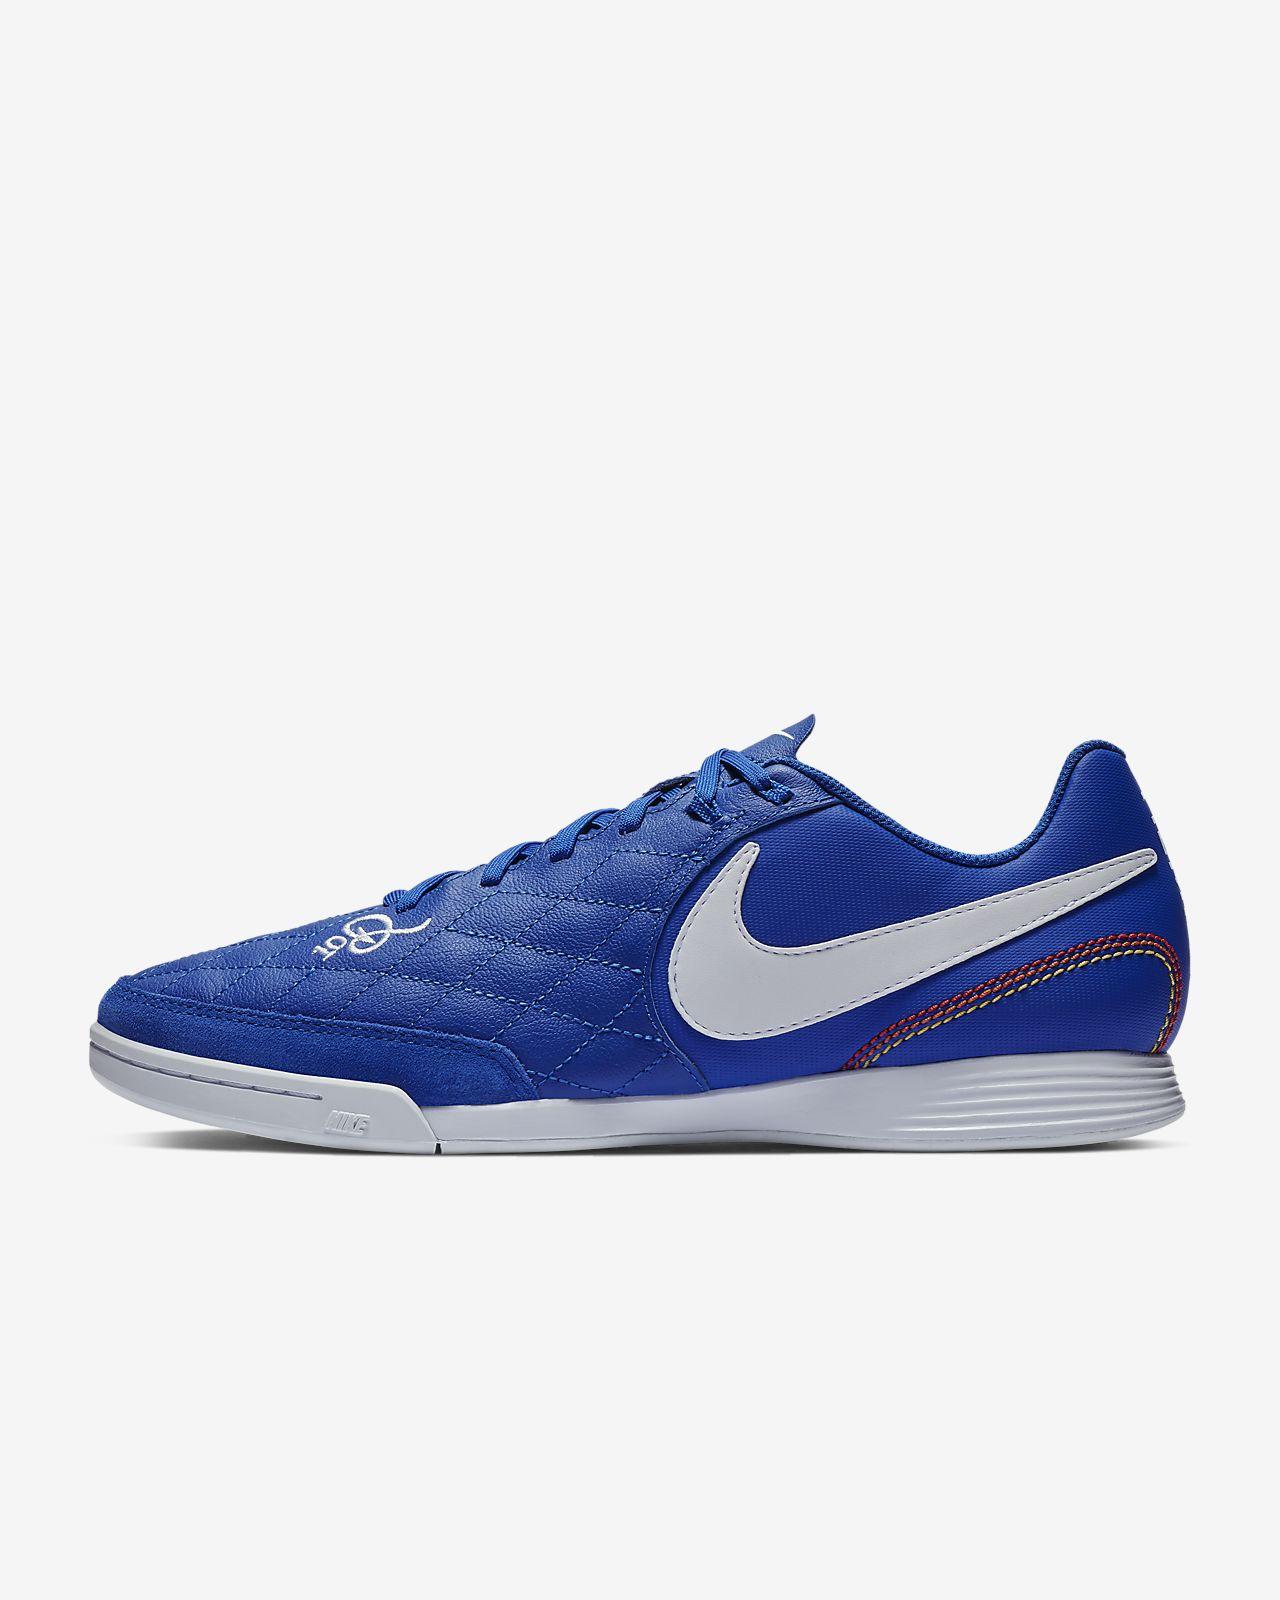 Scarpa da calcio per campi indoor Nike TiempoX Legend VII Academy 10R